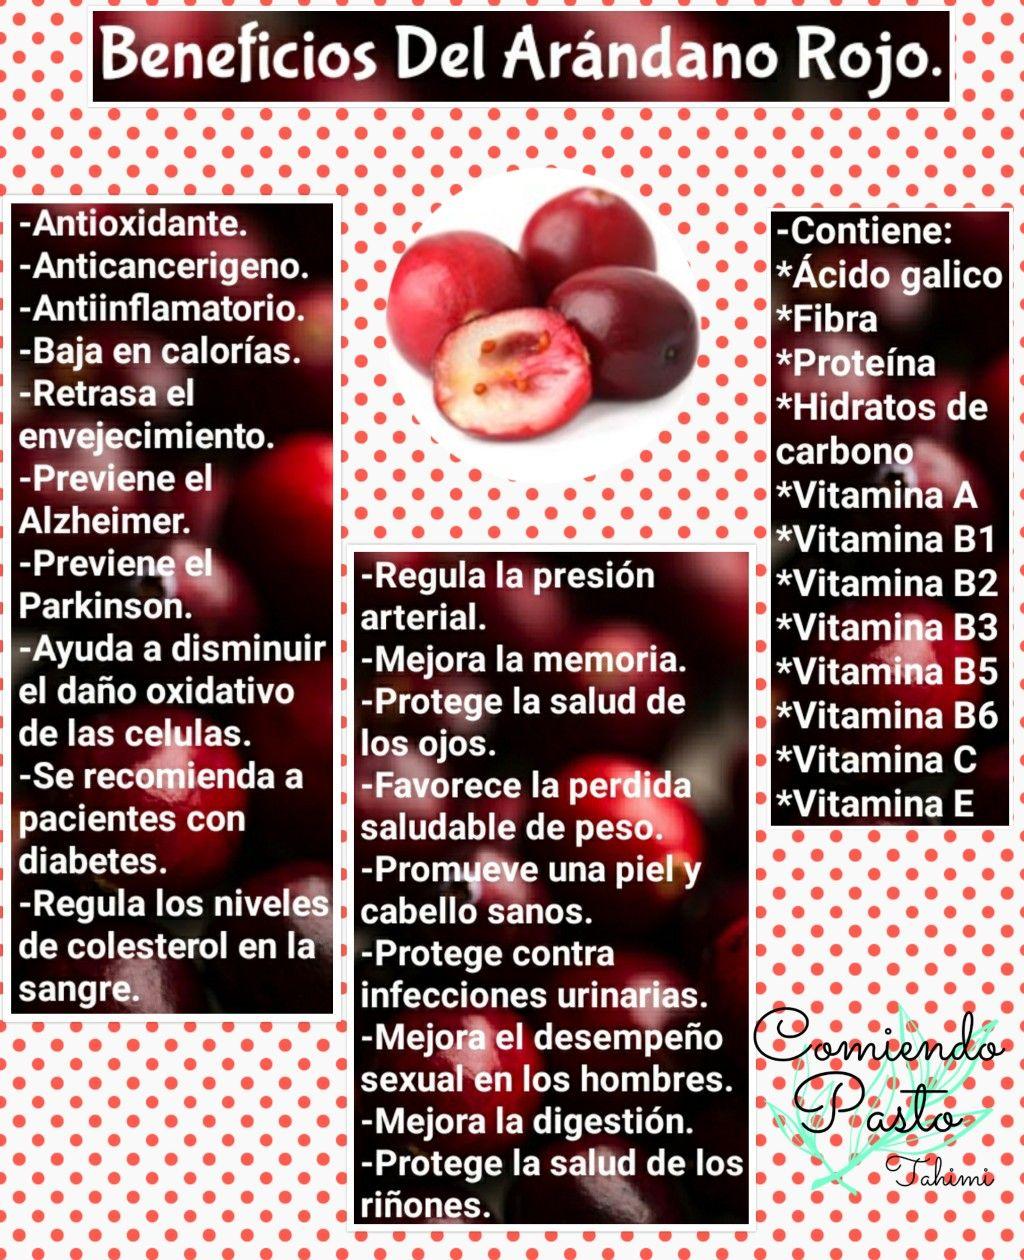 arándano rojo informacion nutricional